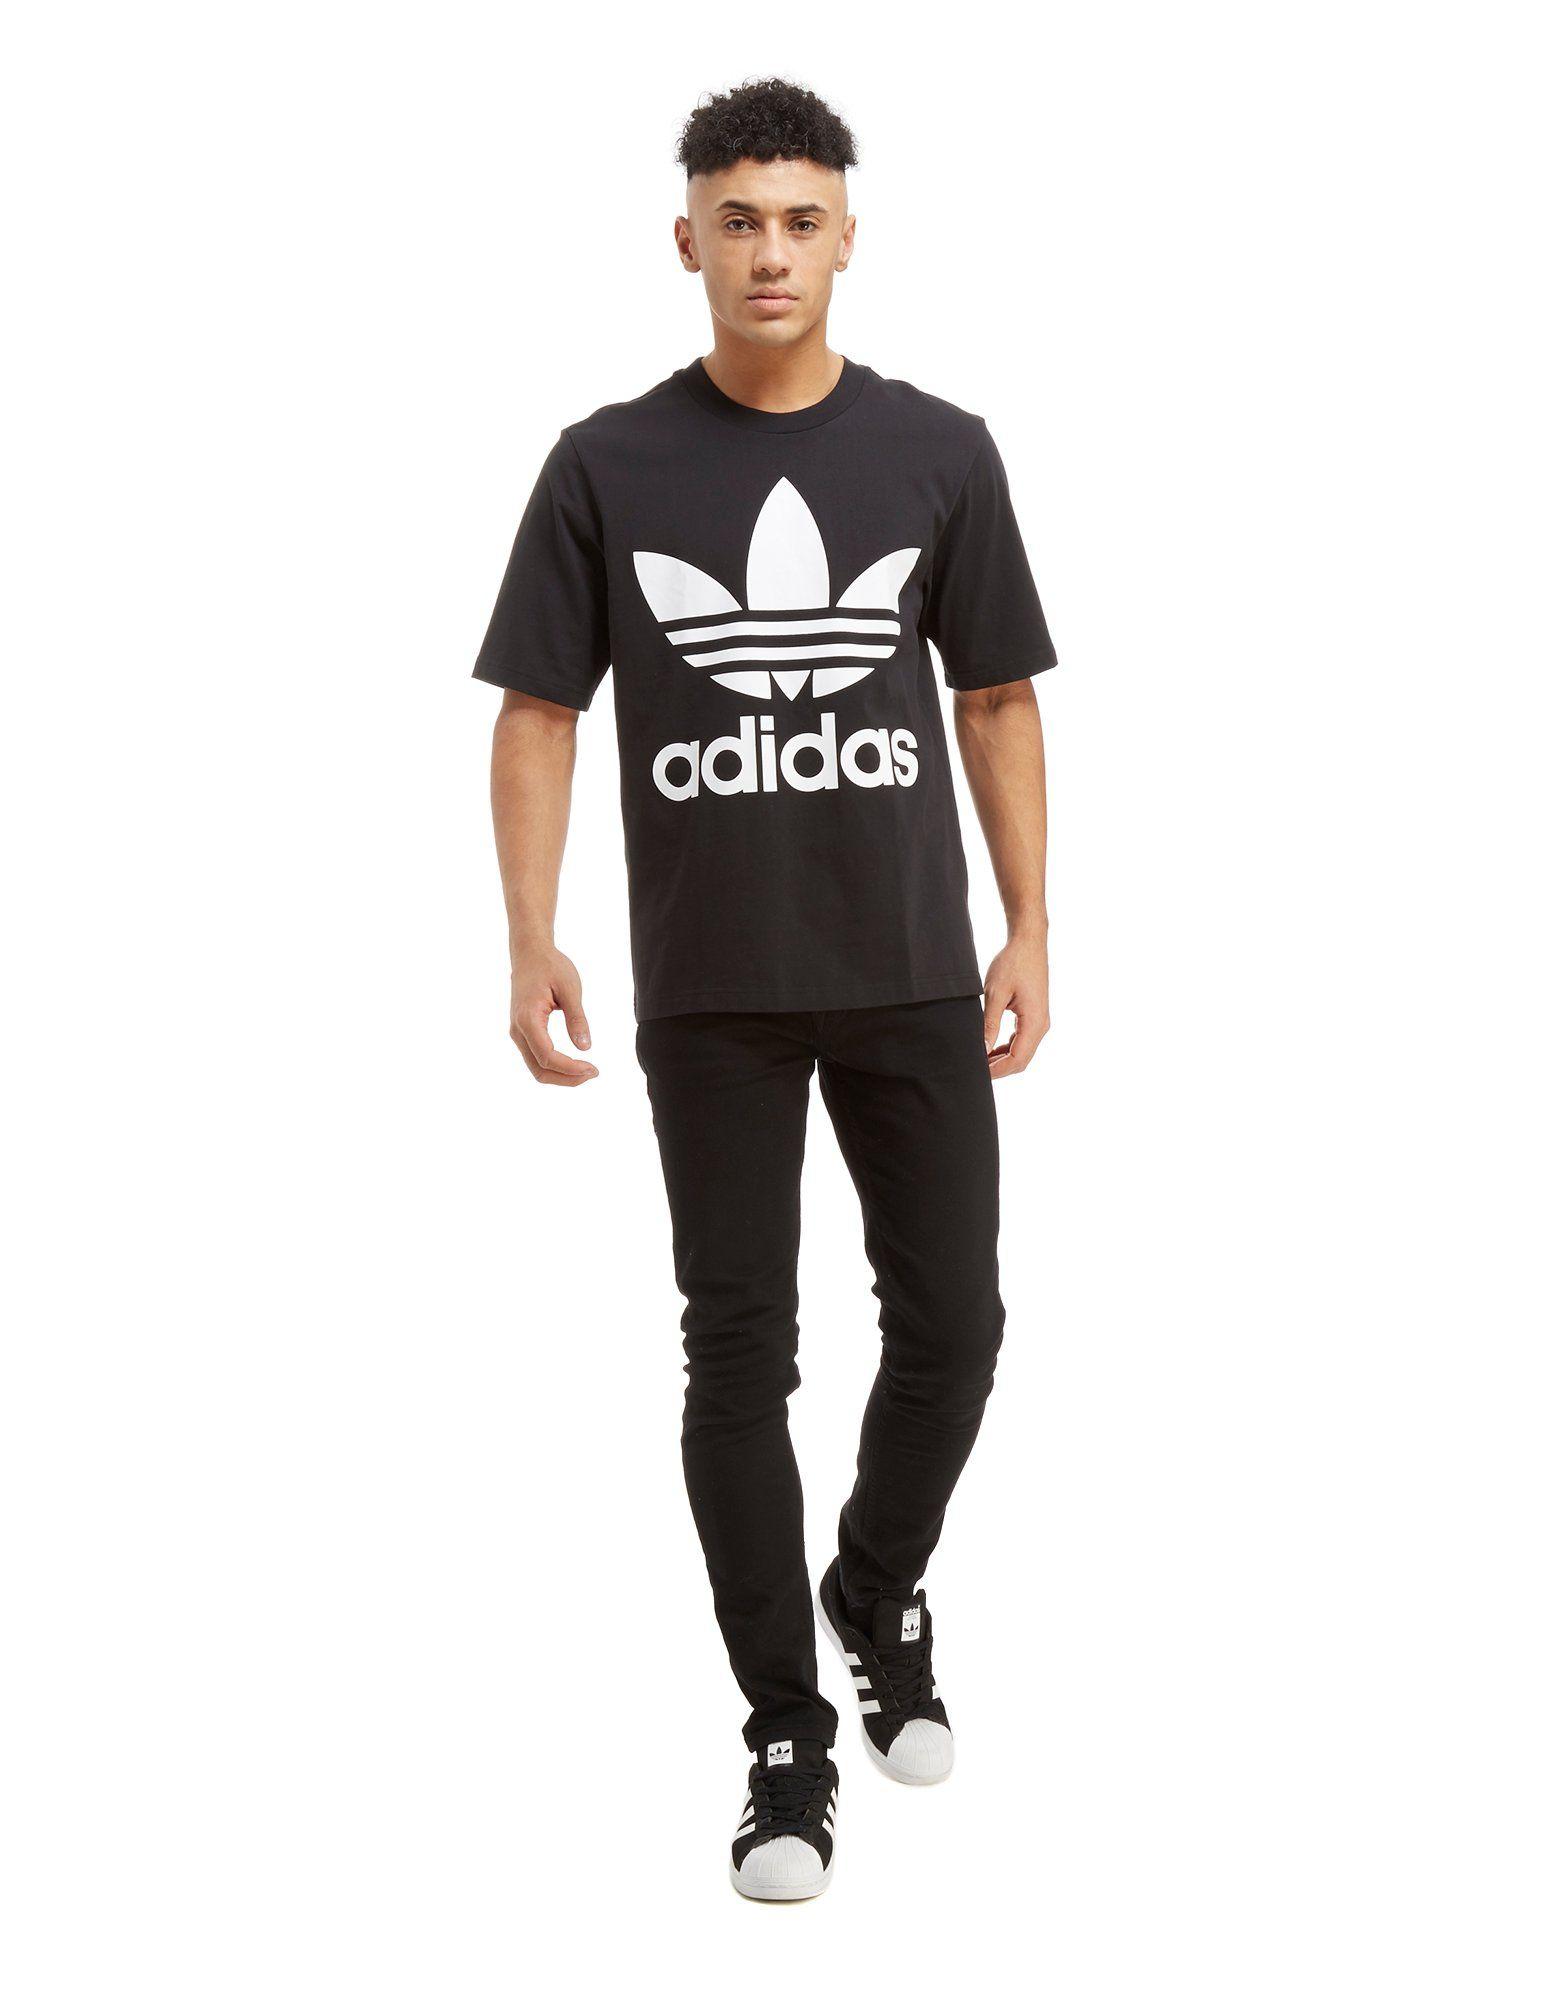 adidas Originals Trefoil Oversized T-Shirt Schwarz Neu Auslass 2018 Neu Für Billig Zu Verkaufen Countdown-Paket Spielraum Offiziellen 1V3L6